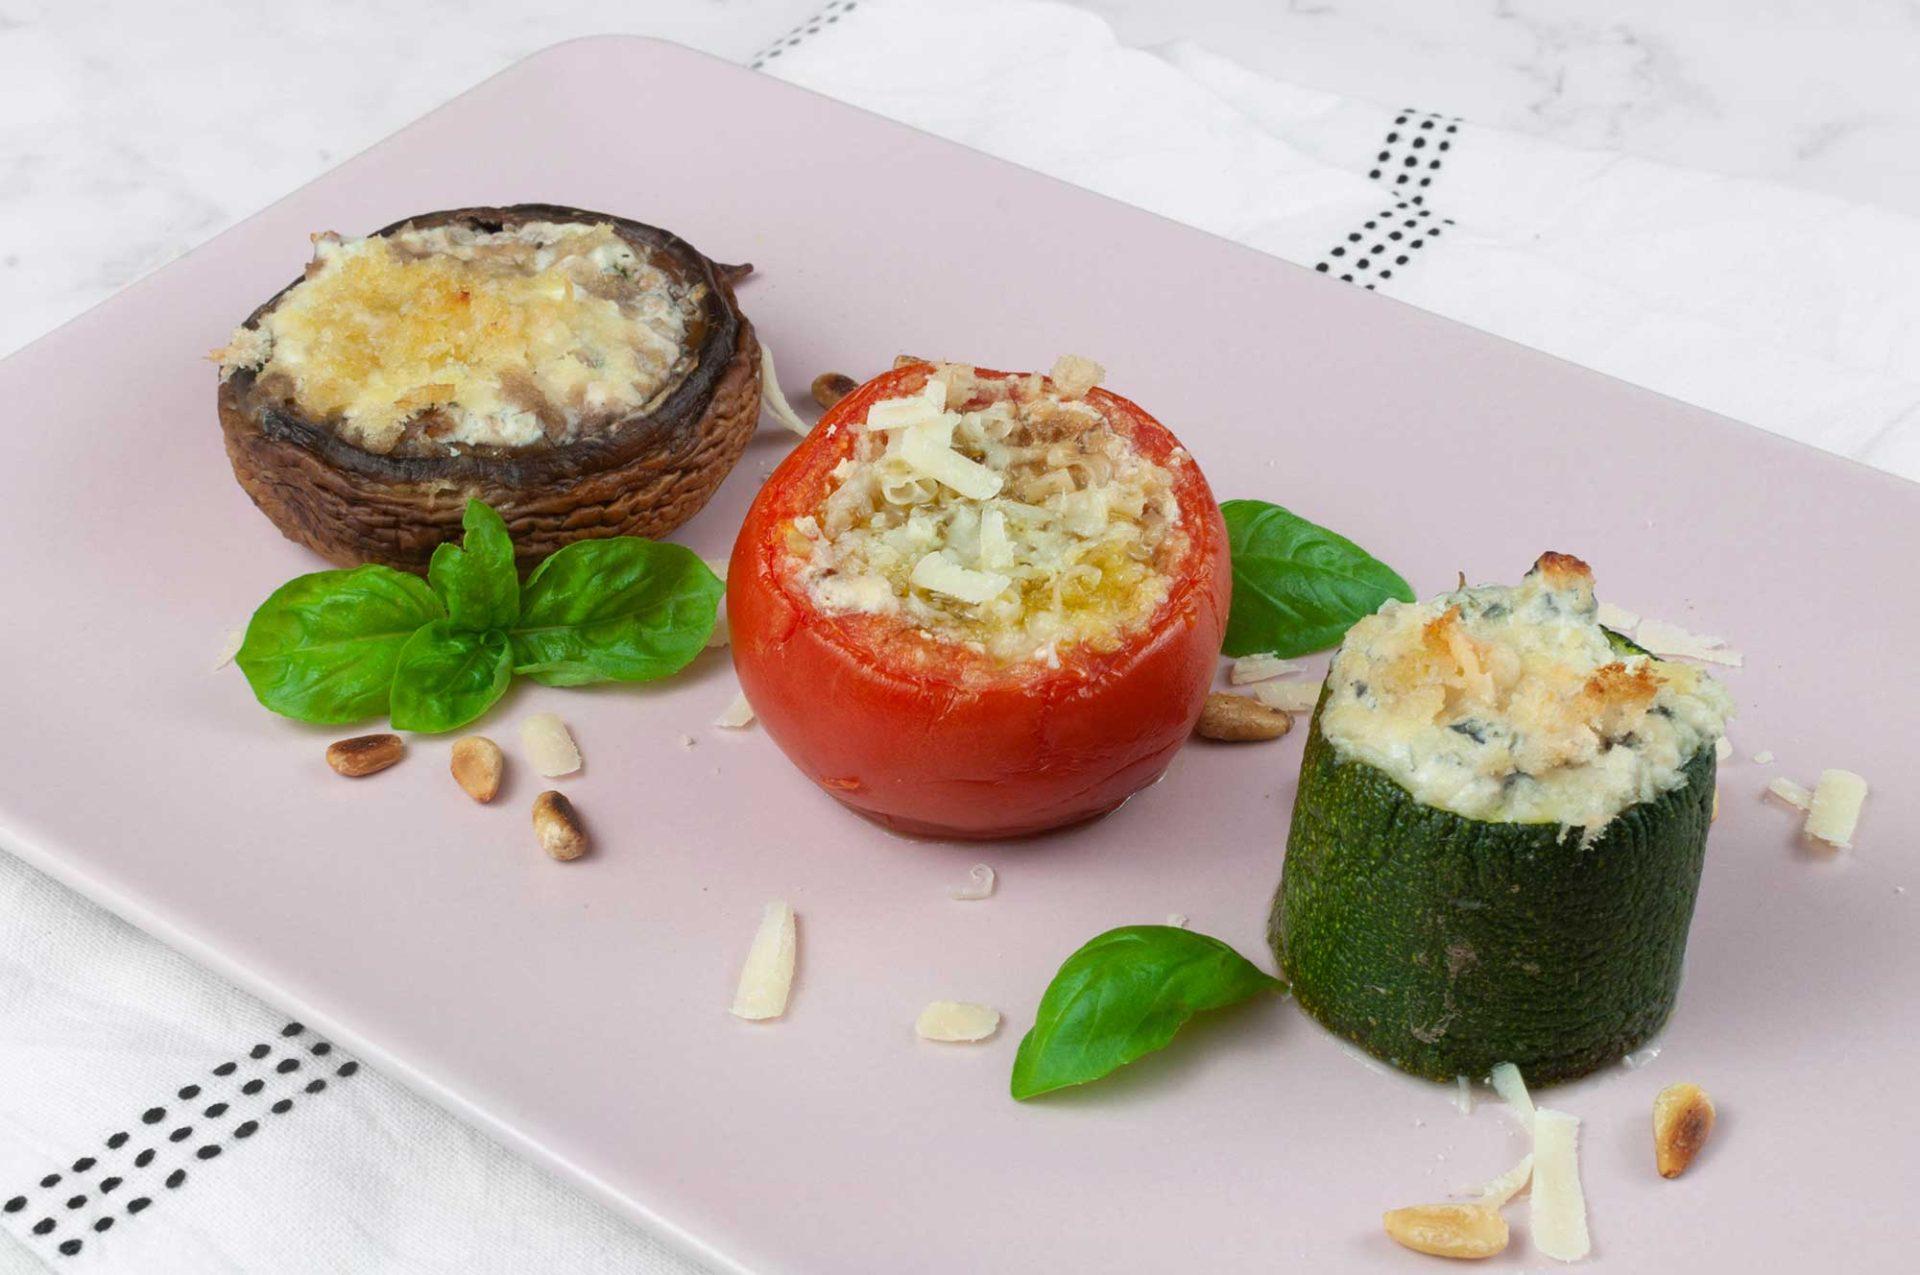 Gratiniertes Gemüse - Tomaten, Champignons, Zucchini